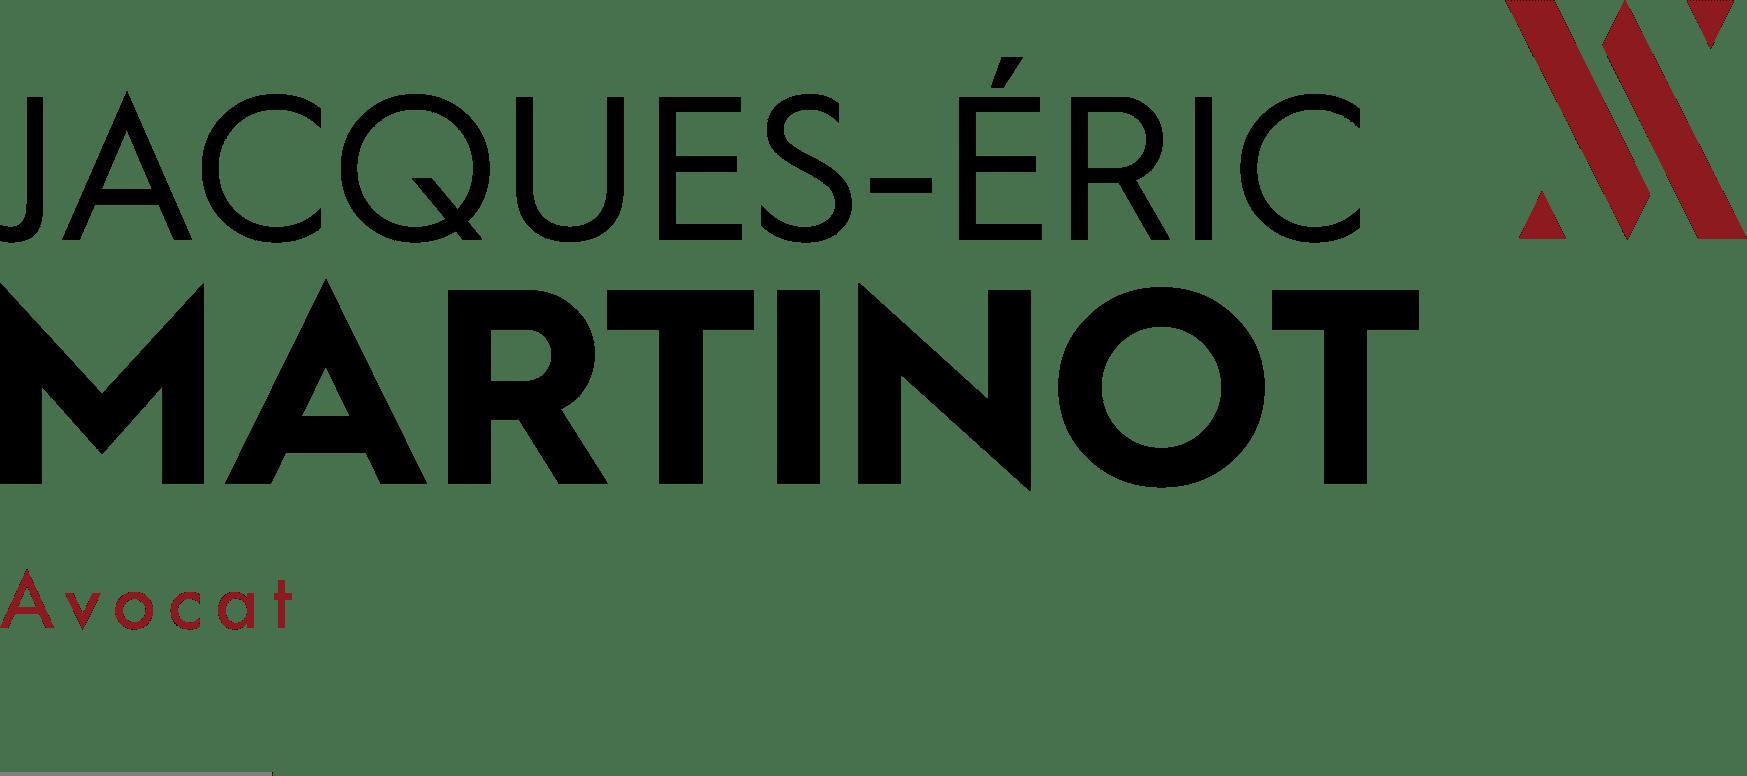 Jacques-Eric MARTINOT